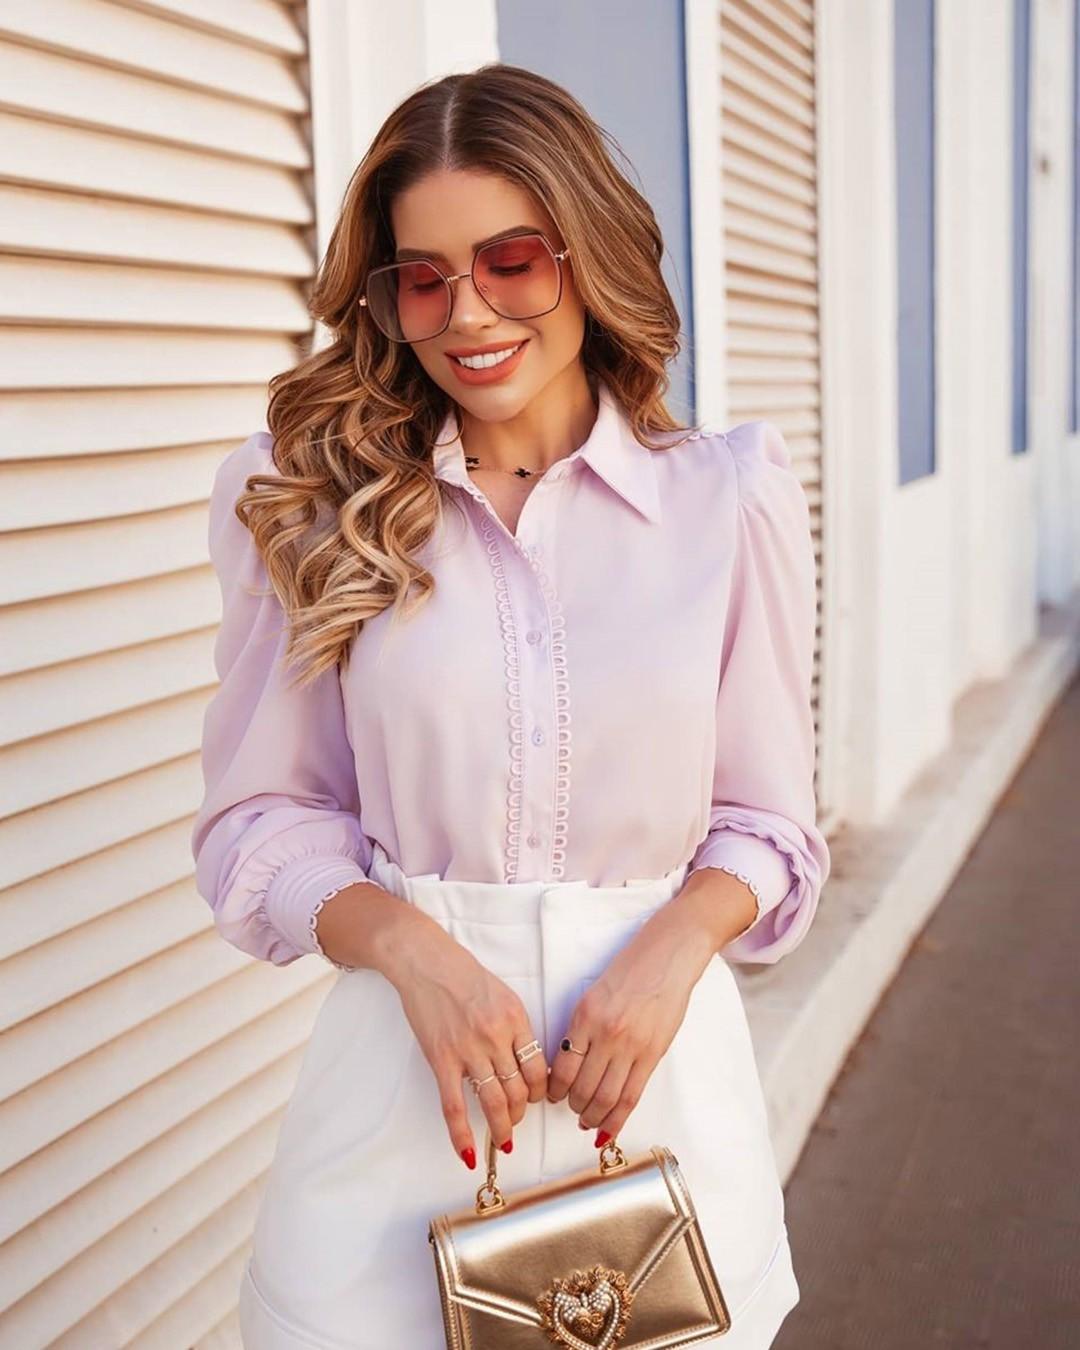 Camisa Feminina Manga Longa com Botões e Renda Doce Flor